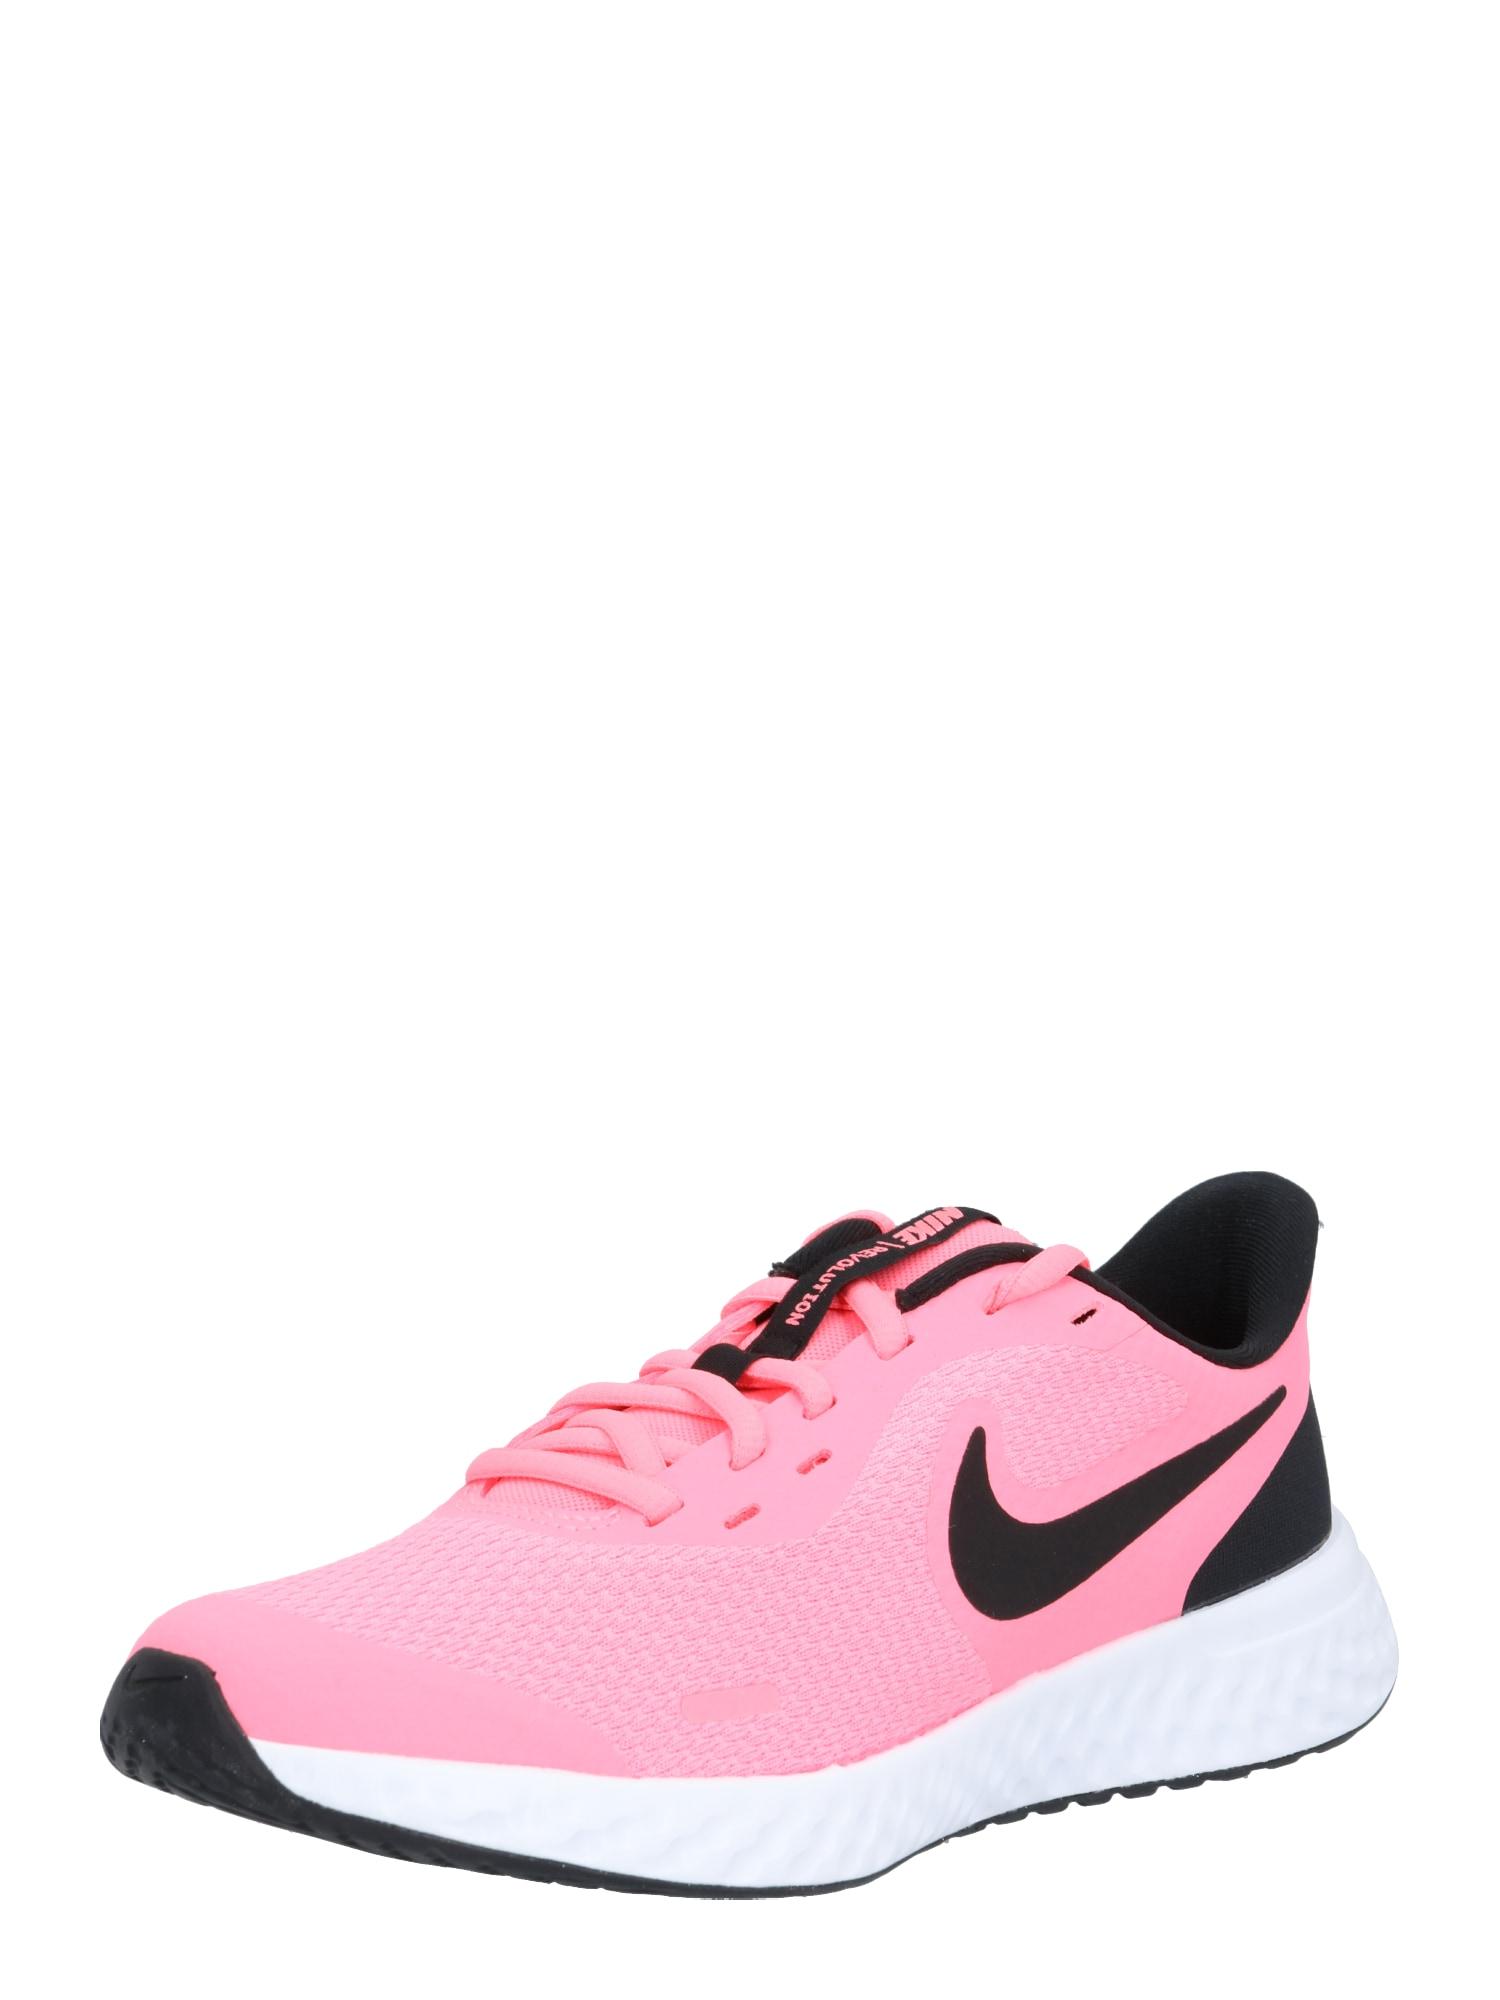 NIKE Sportiniai batai 'Revolution 5' juoda / rožinė